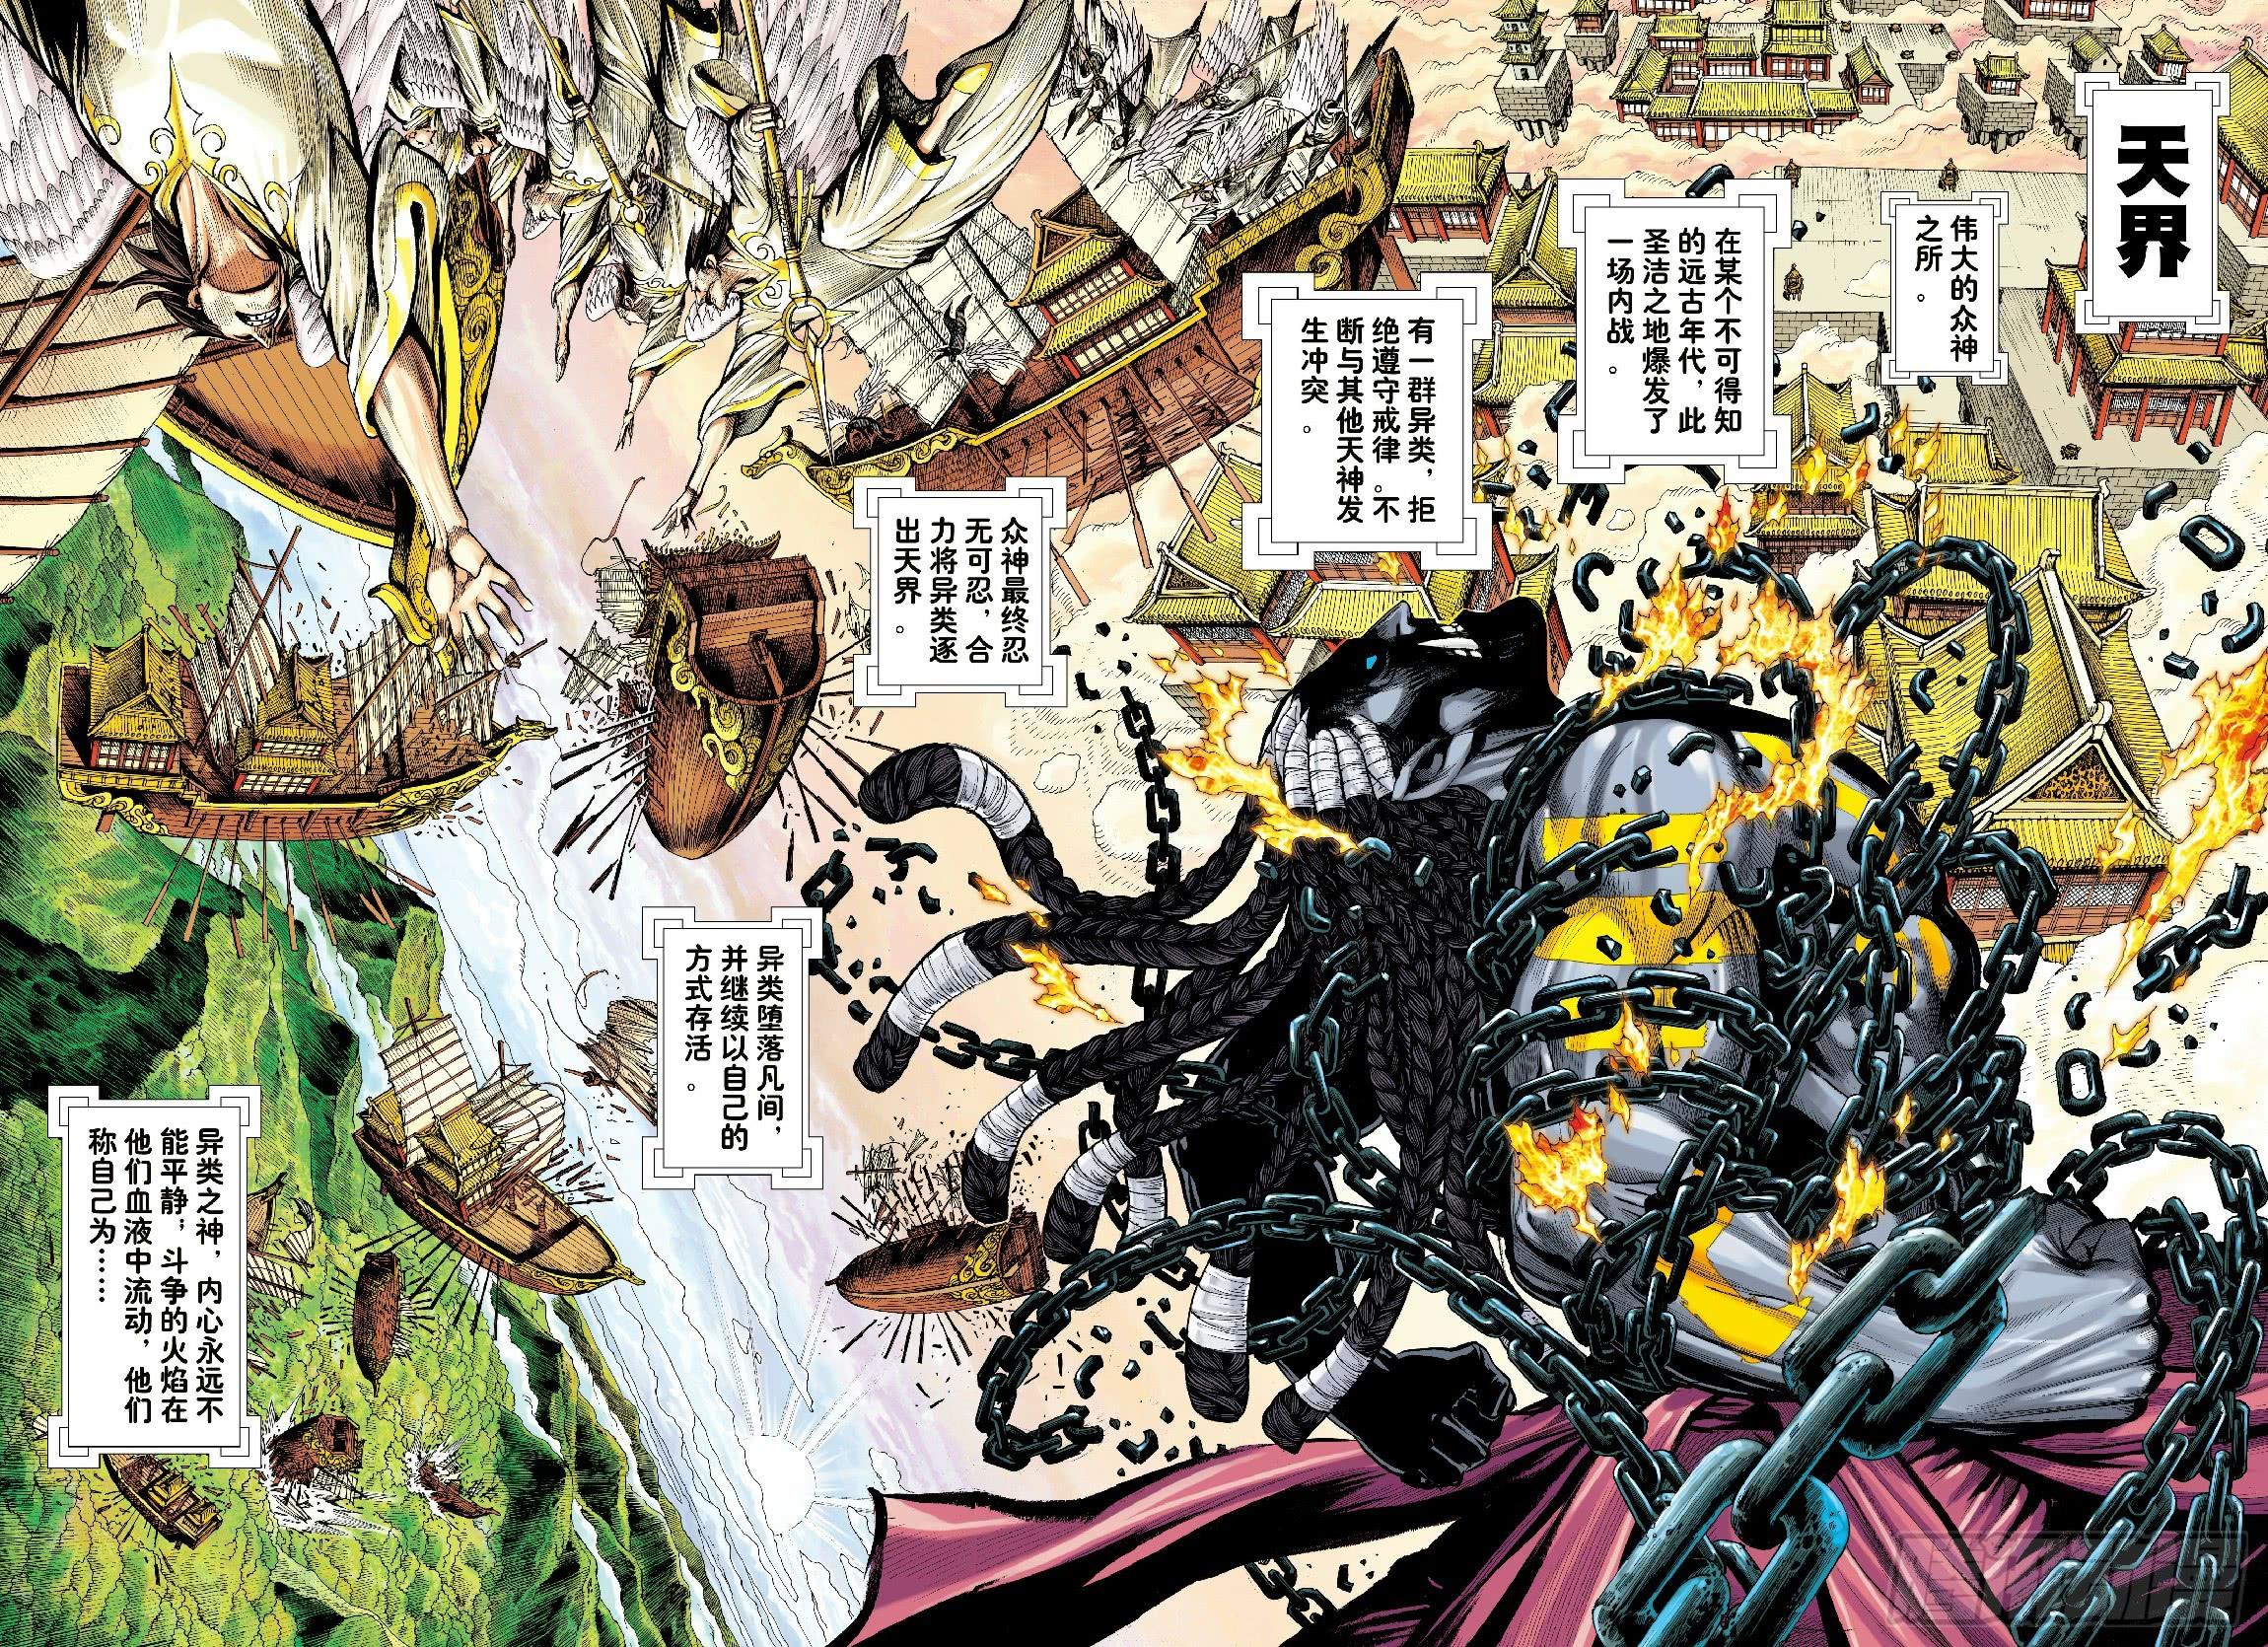 狂王(西行紀前傳)漫畫第1回叛逆之神(32P)(第1頁)劇情-二次元動漫